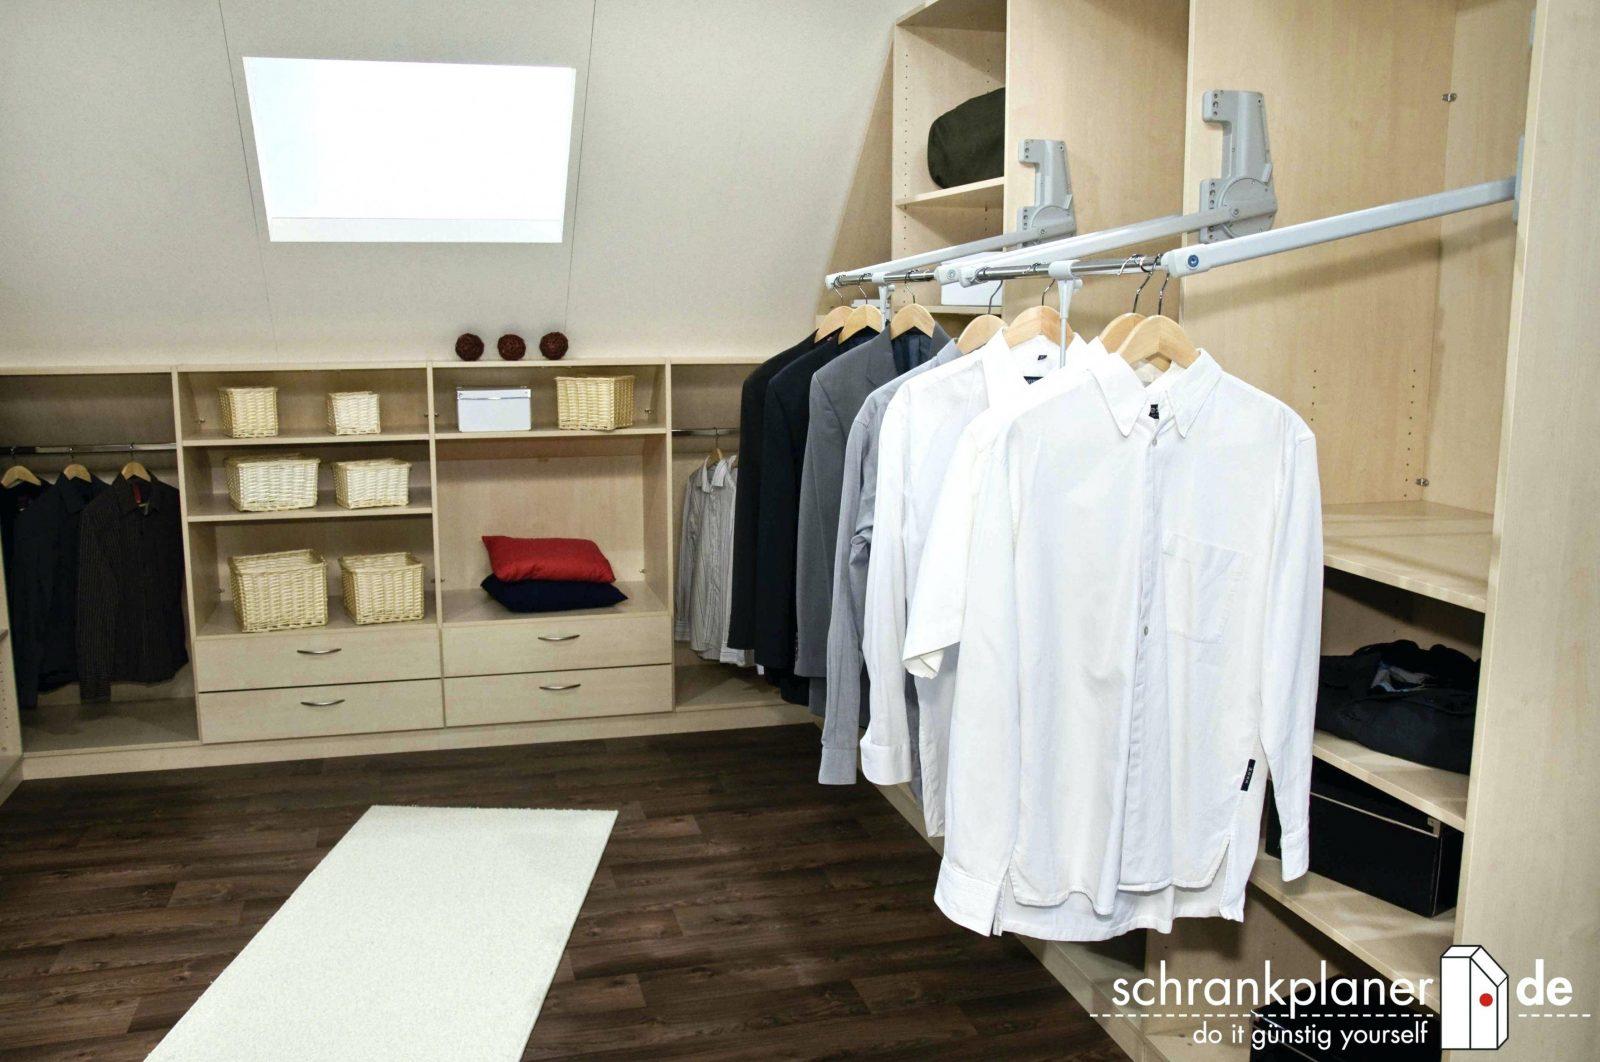 Ankleidezimmer Systeme Haus Mabel Schrank Selbst Gestalten von Ikea Schrank Selber Planen Bild